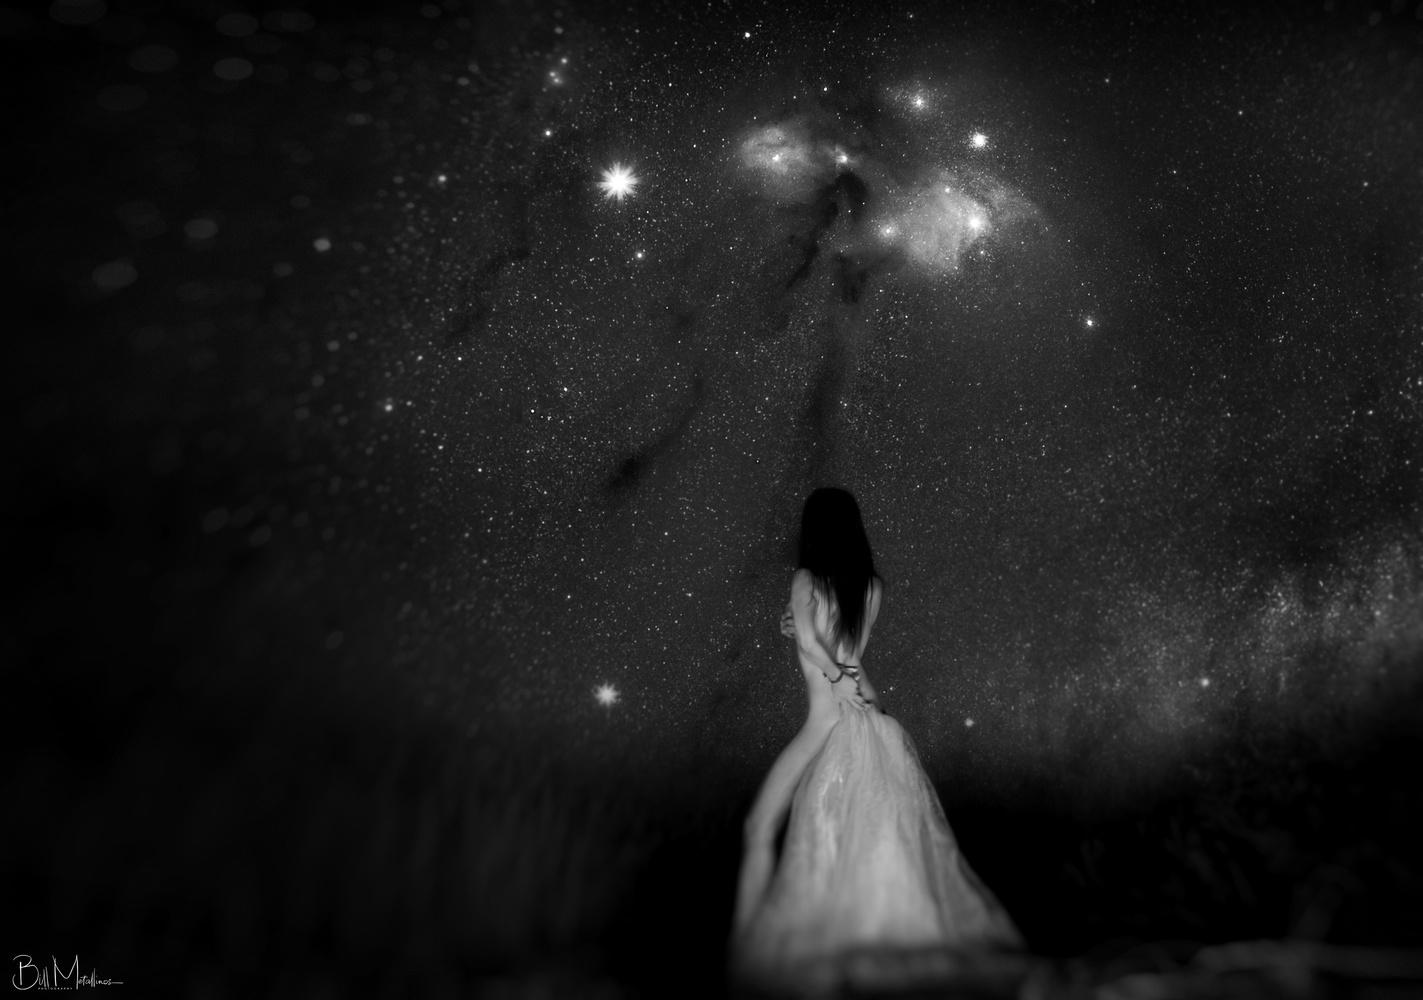 Dark Imagination by Bill Metallinos